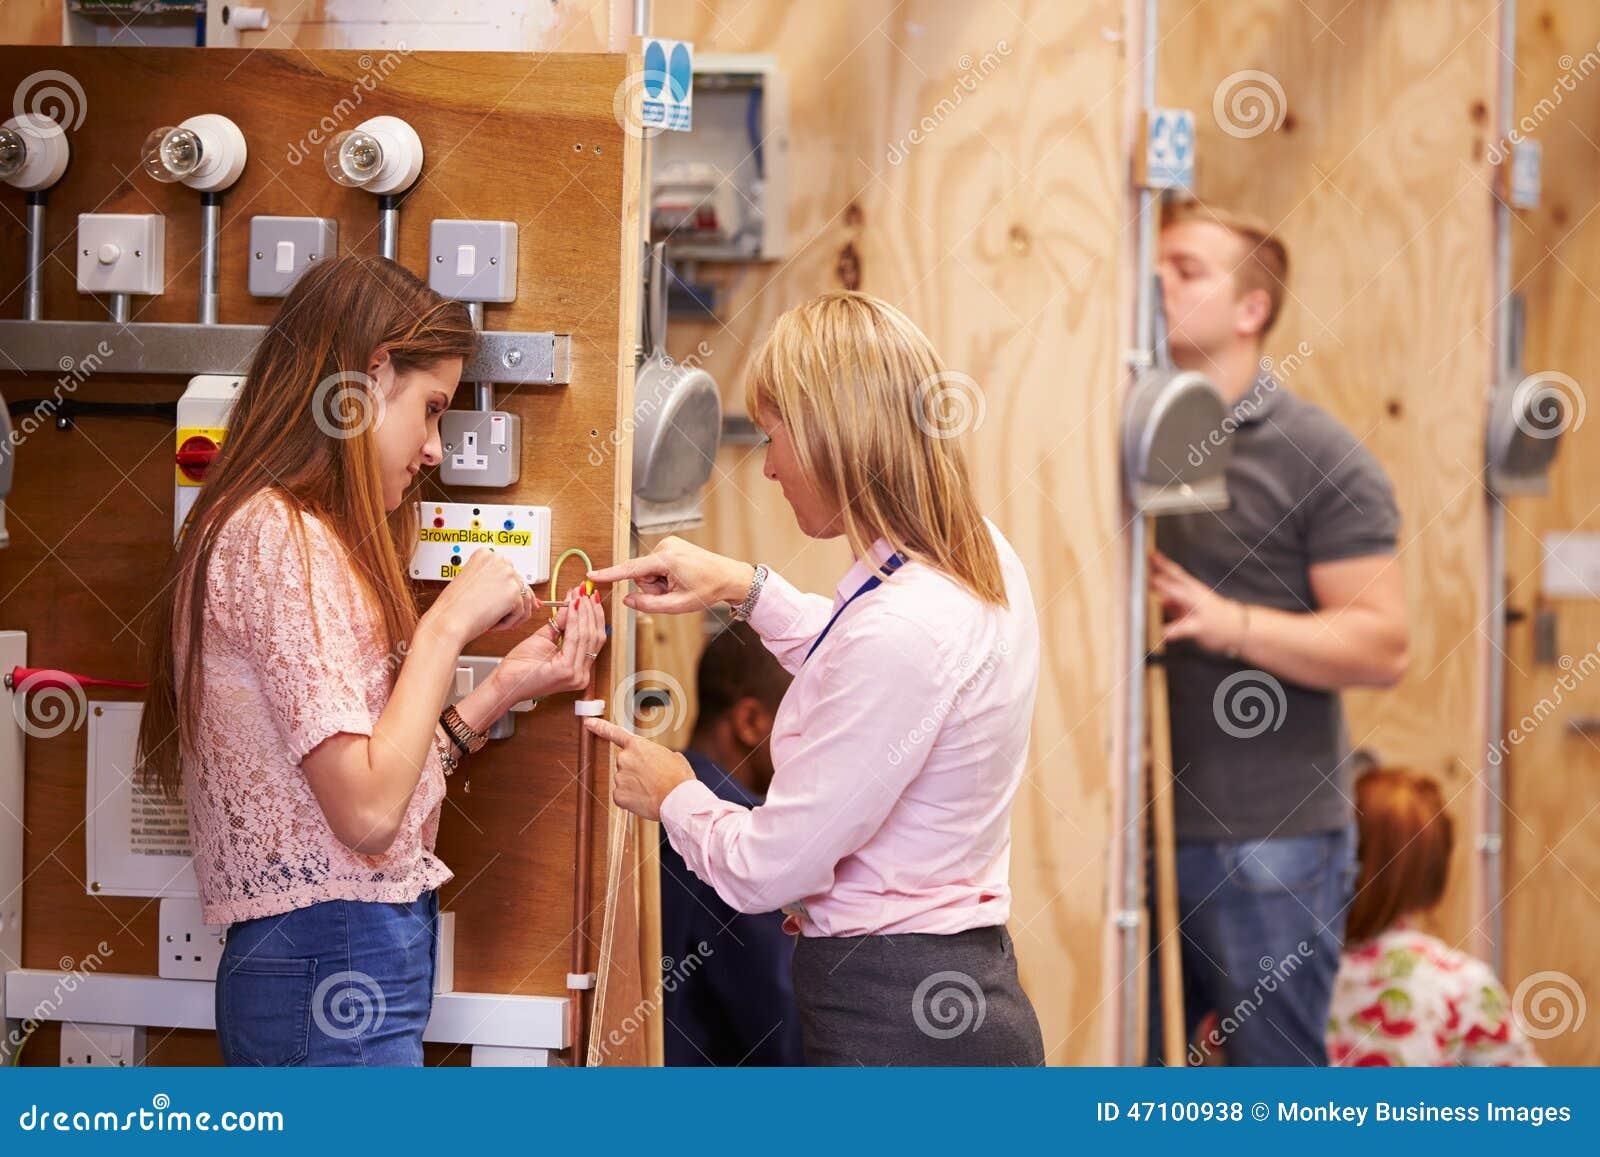 Insegnante femminile Helping Students Training da essere elettricisti